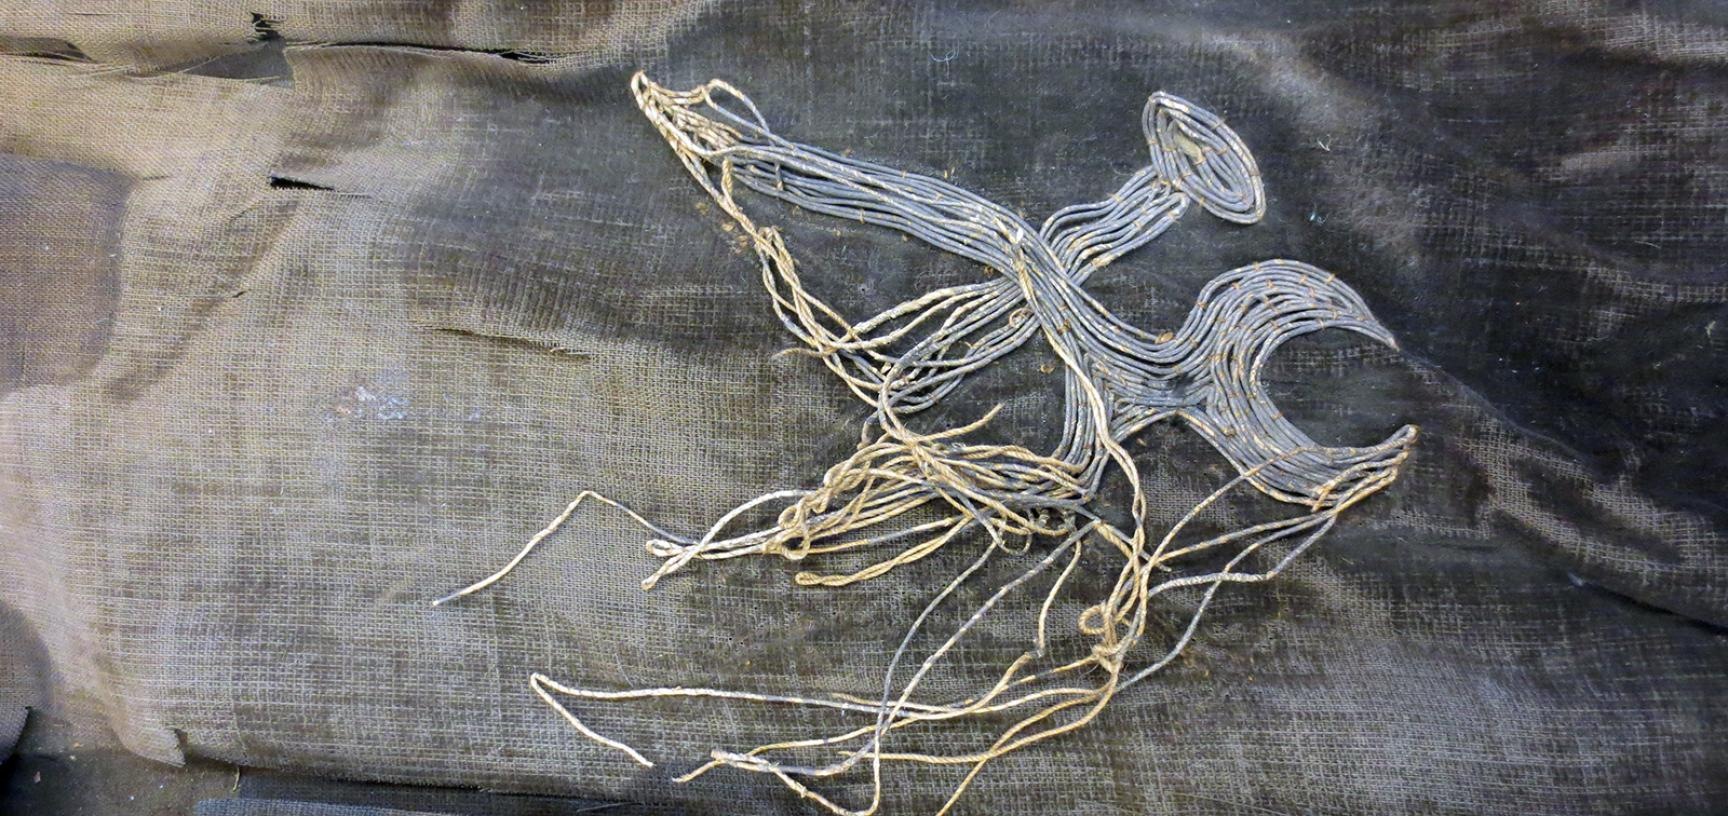 Repairing the kimono oni figure (1964.1.2.5)